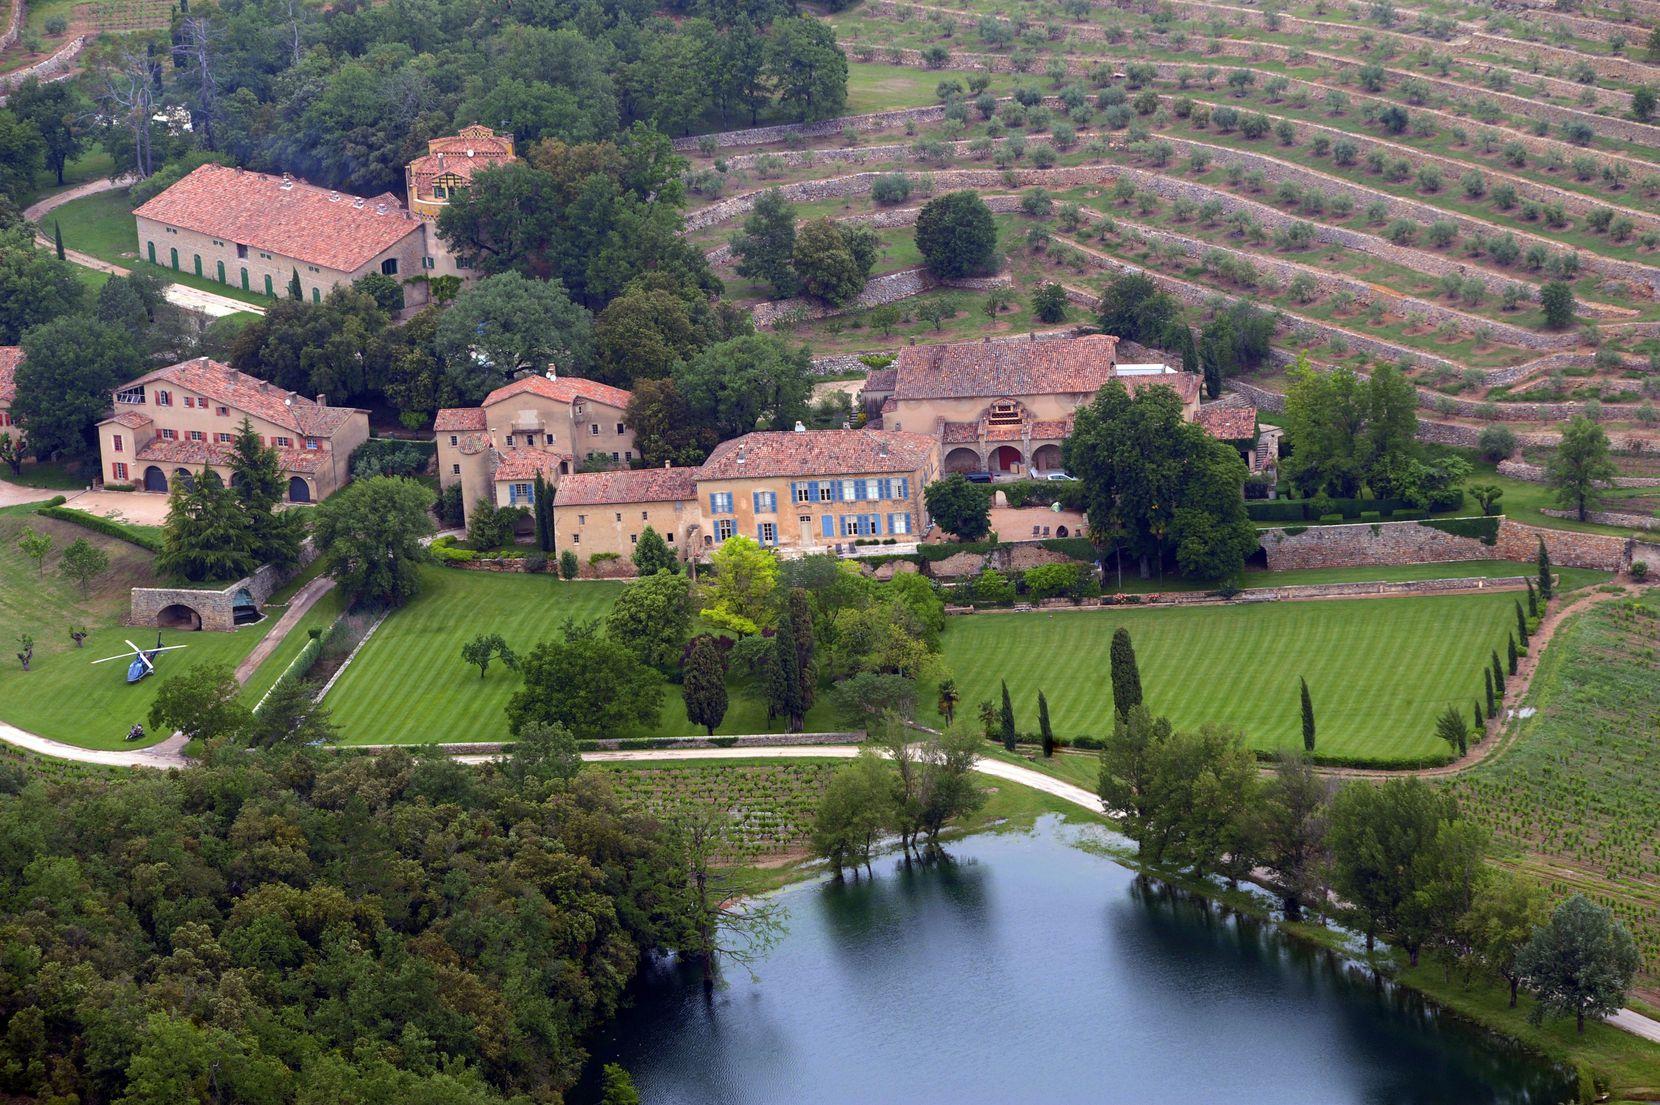 Imagen aérea del Castillo Miraval, al sur de Francia, en 2008.